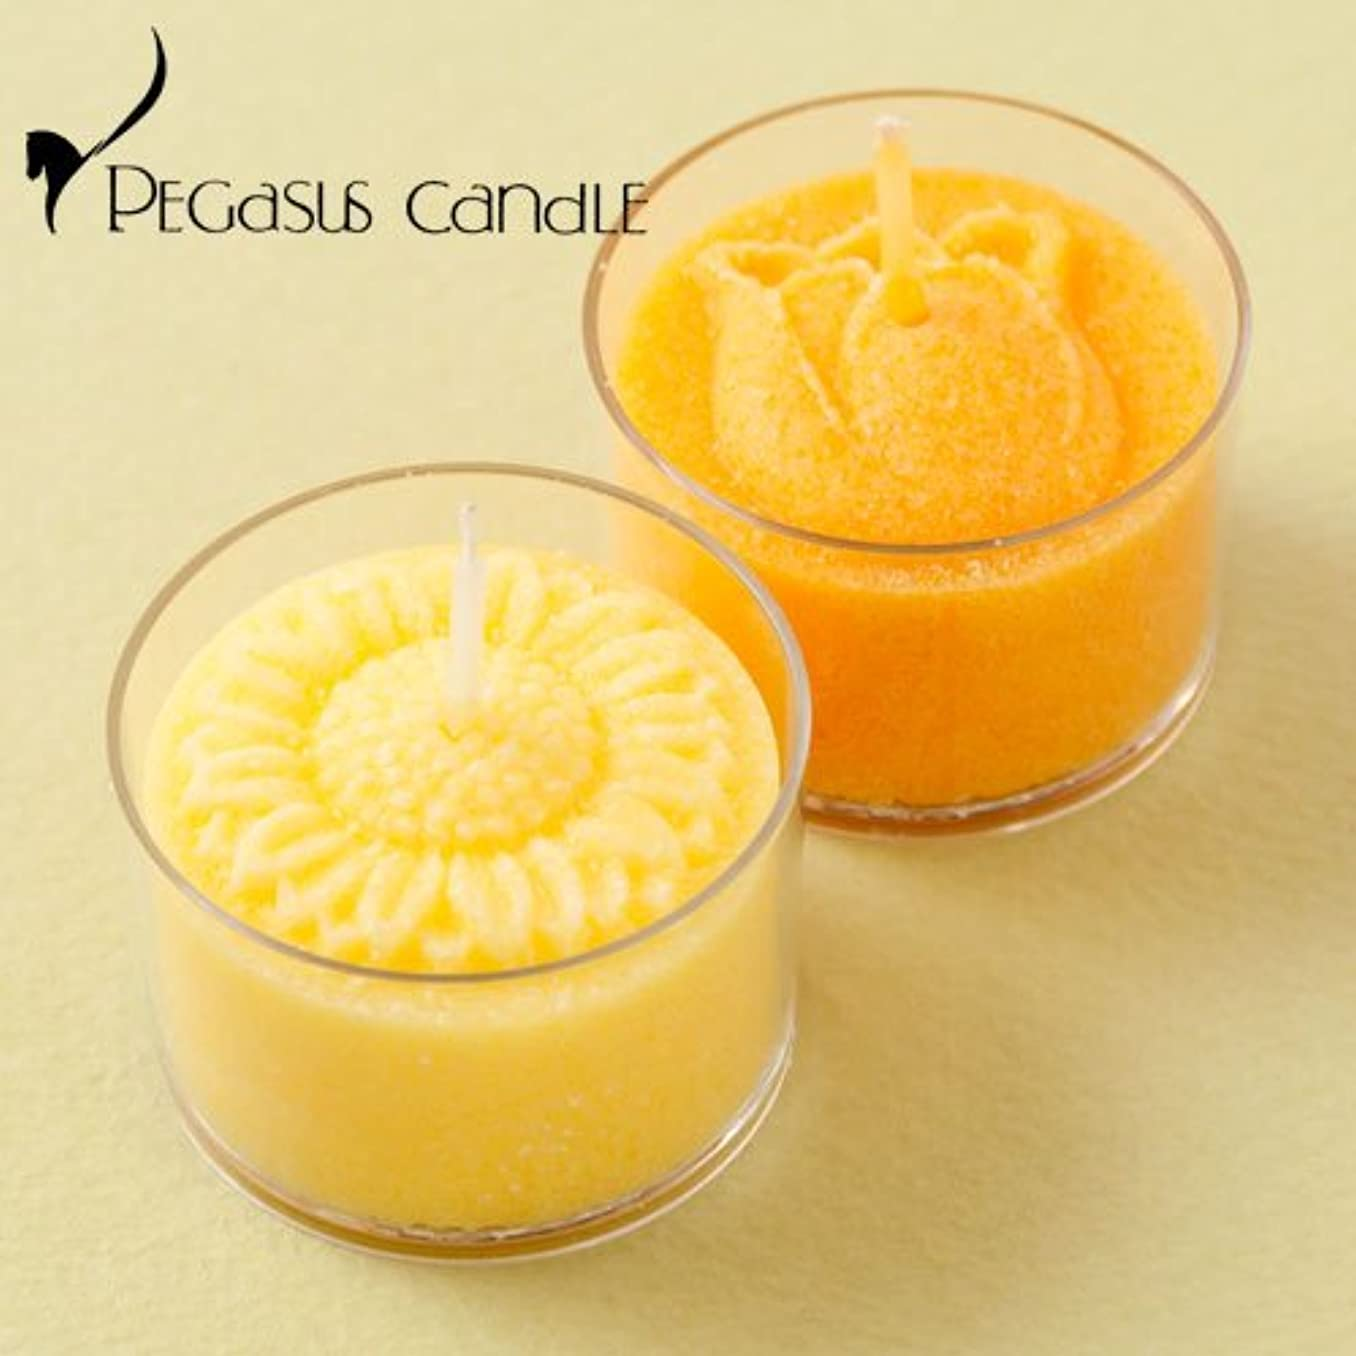 愛されし者フレットセクタ花暦ヒマワリ?チューリップ花の形のキャンドル2個セット(無香タイプ)ペガサスキャンドルFlower shaped candle